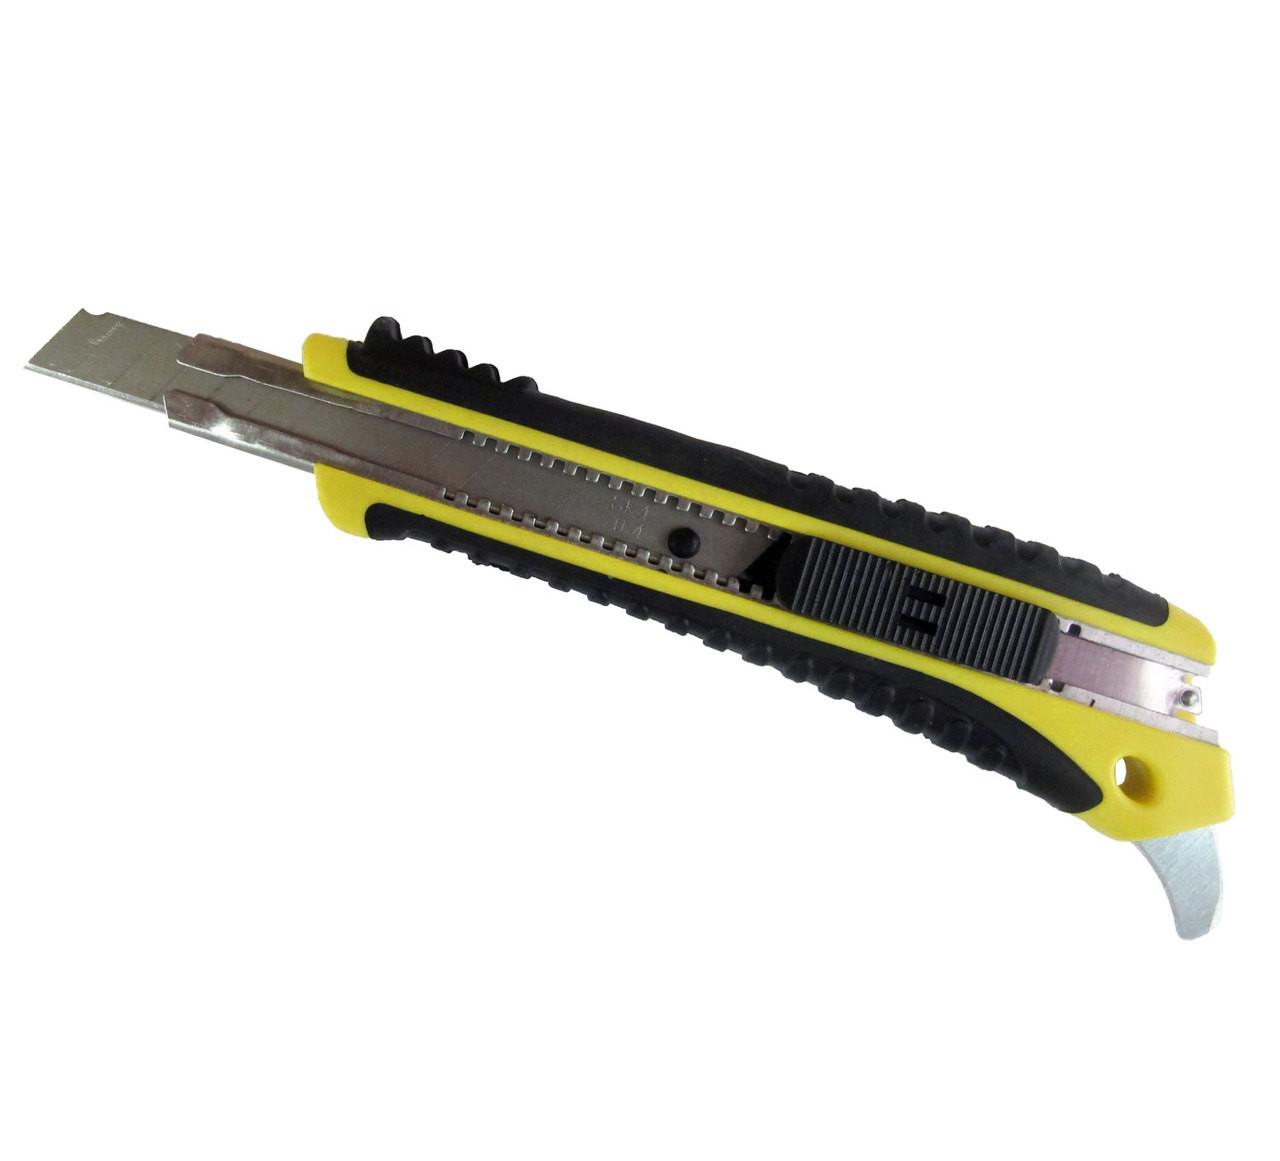 Kaizen Knife